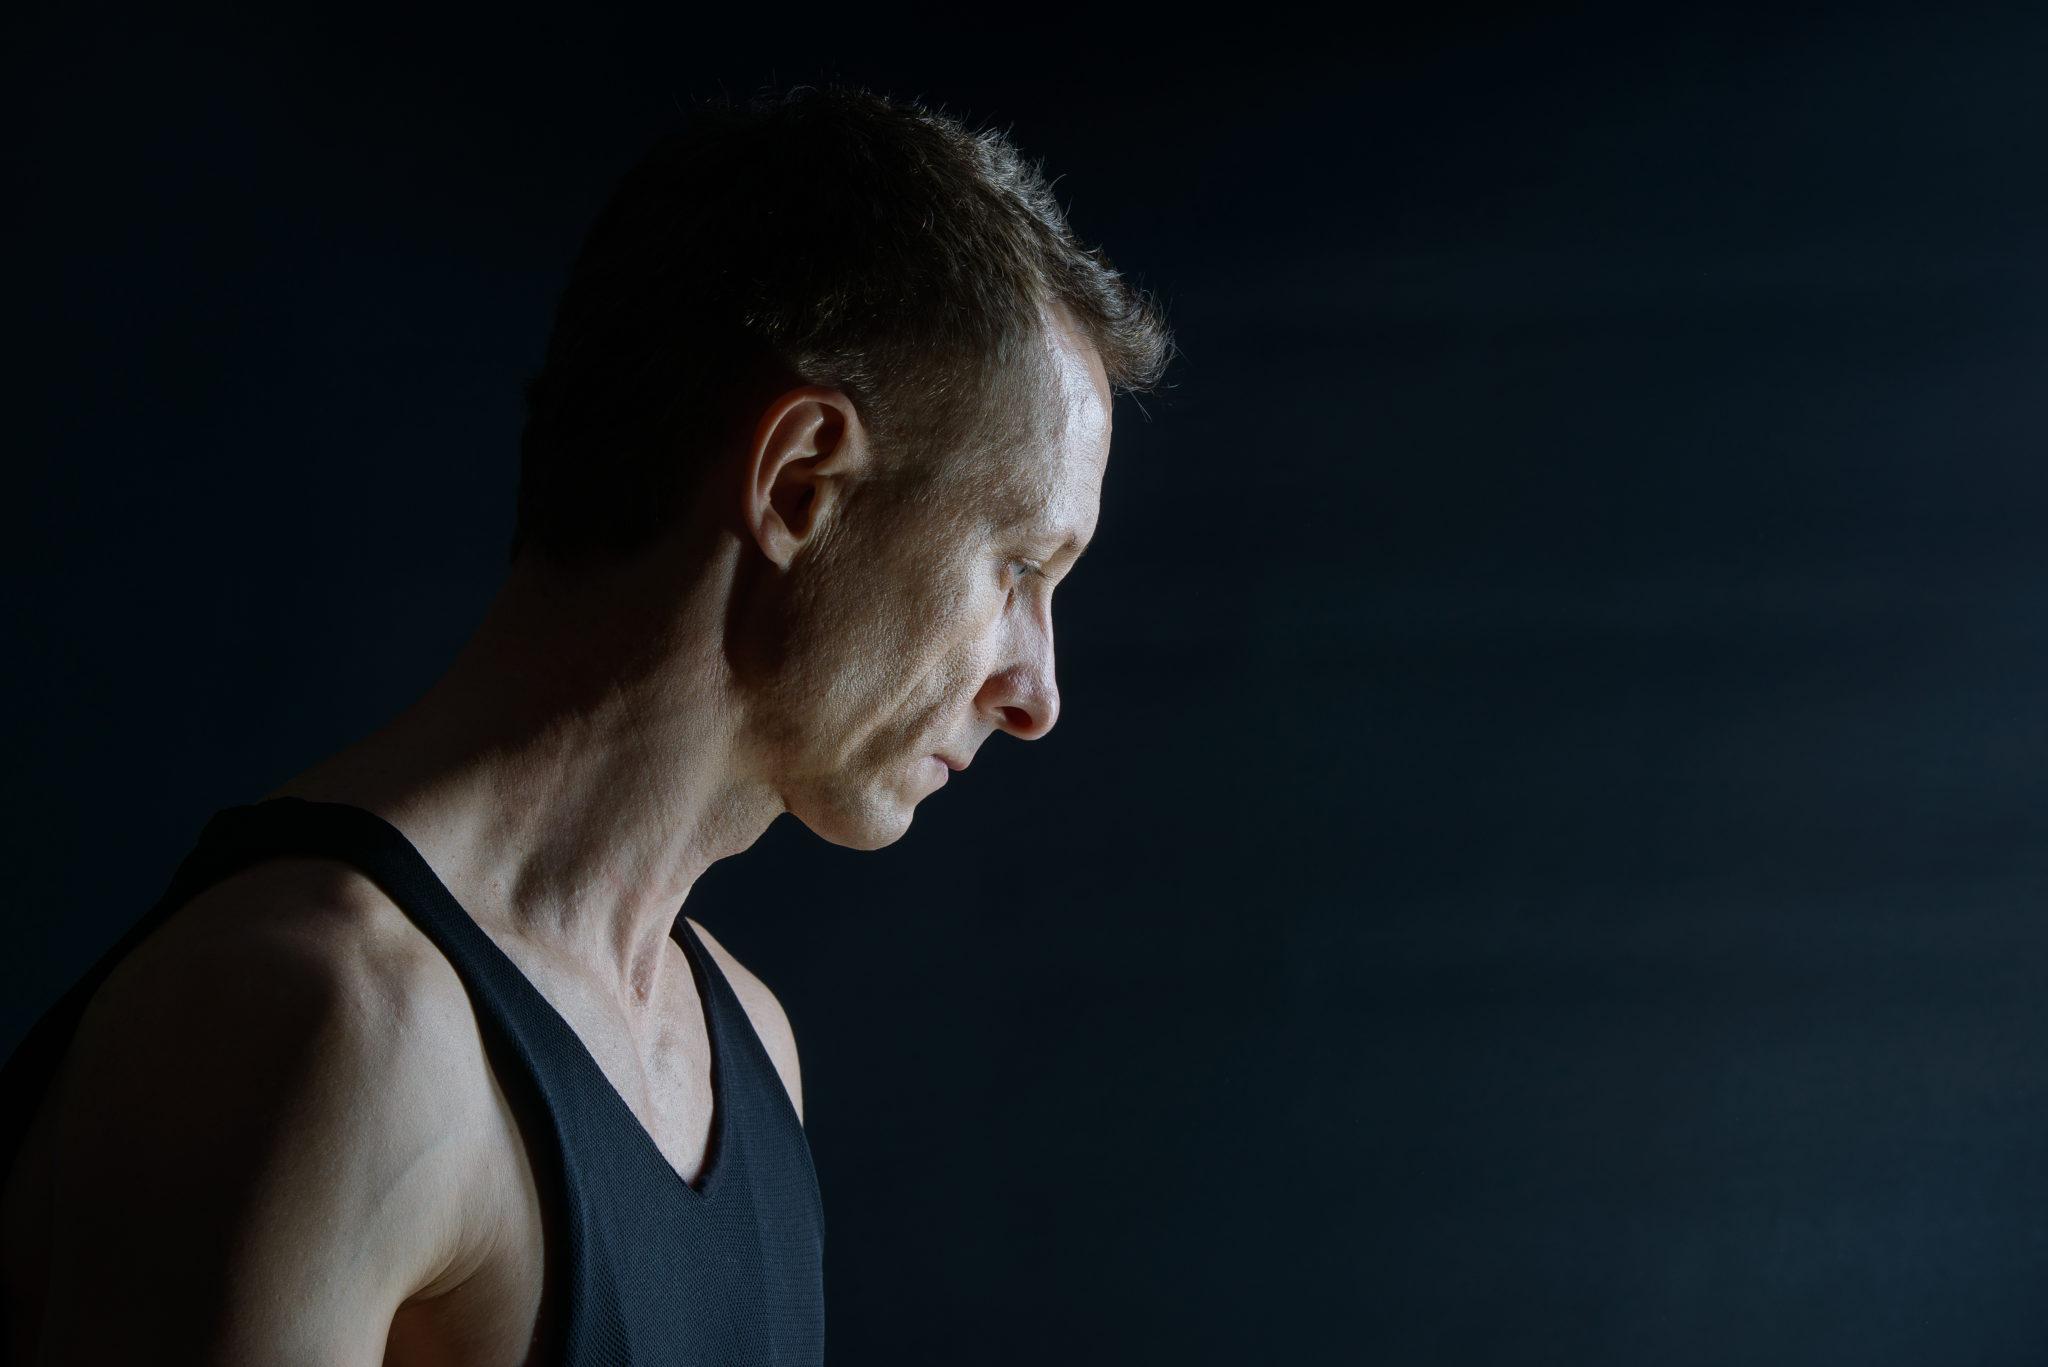 Мужская фотосессия в студии, ph Постникова, цветное фото, мужской портрет в профиль на черном фоне